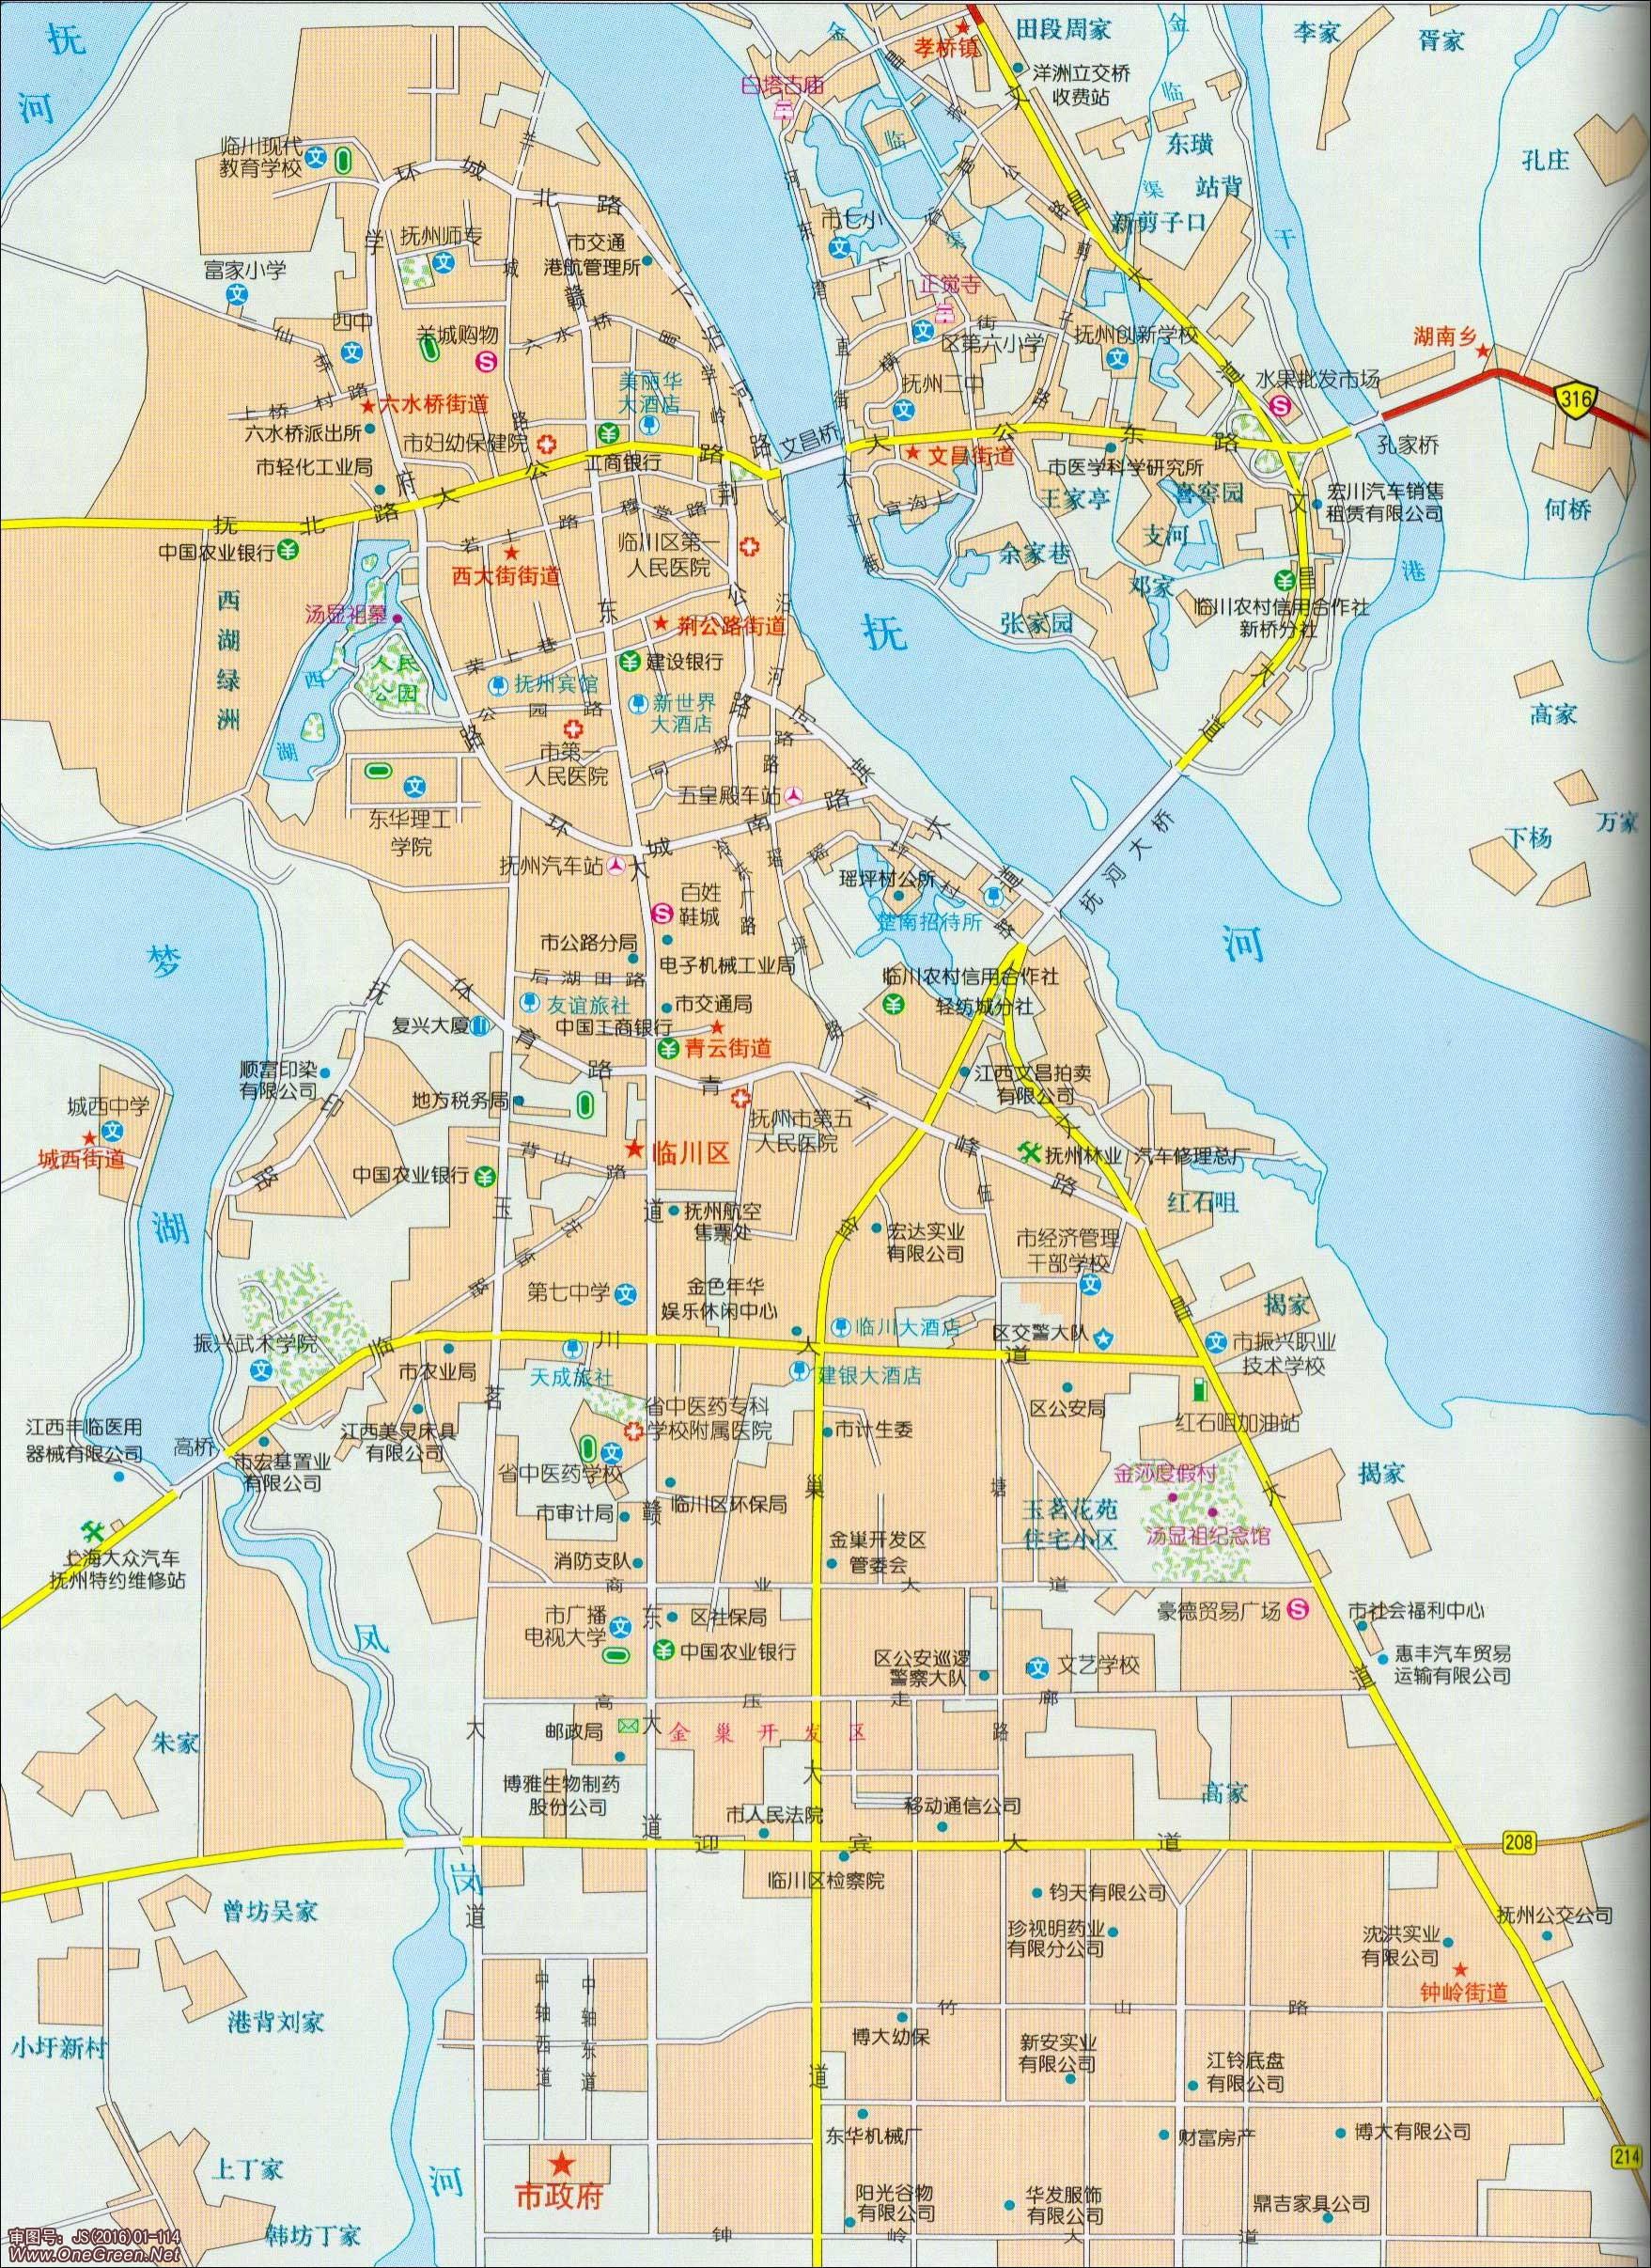 抚州城区地图